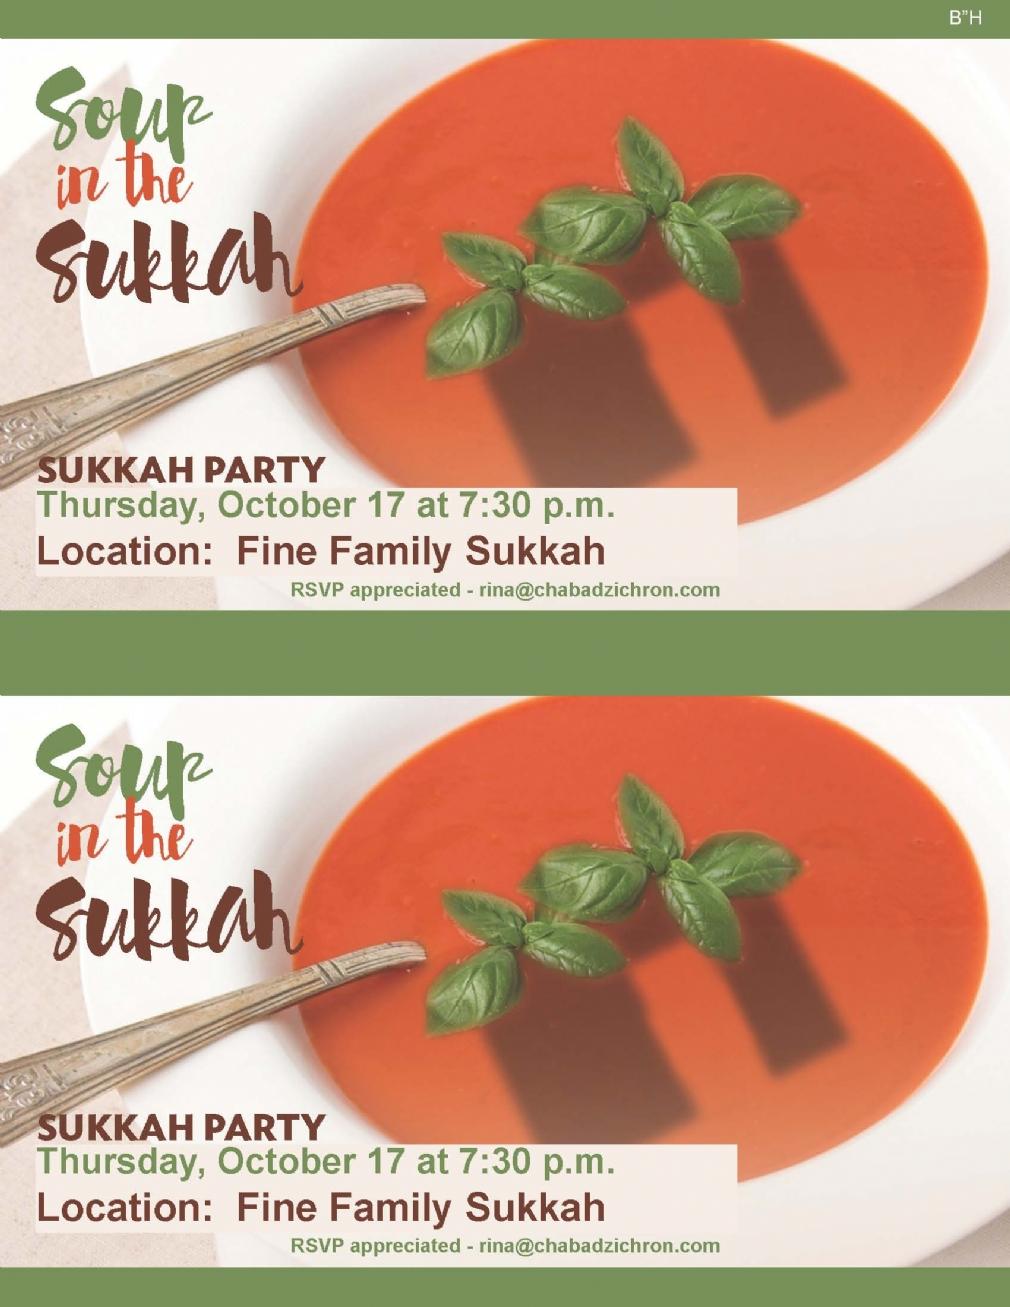 soup in the sukkah 2020.jpg